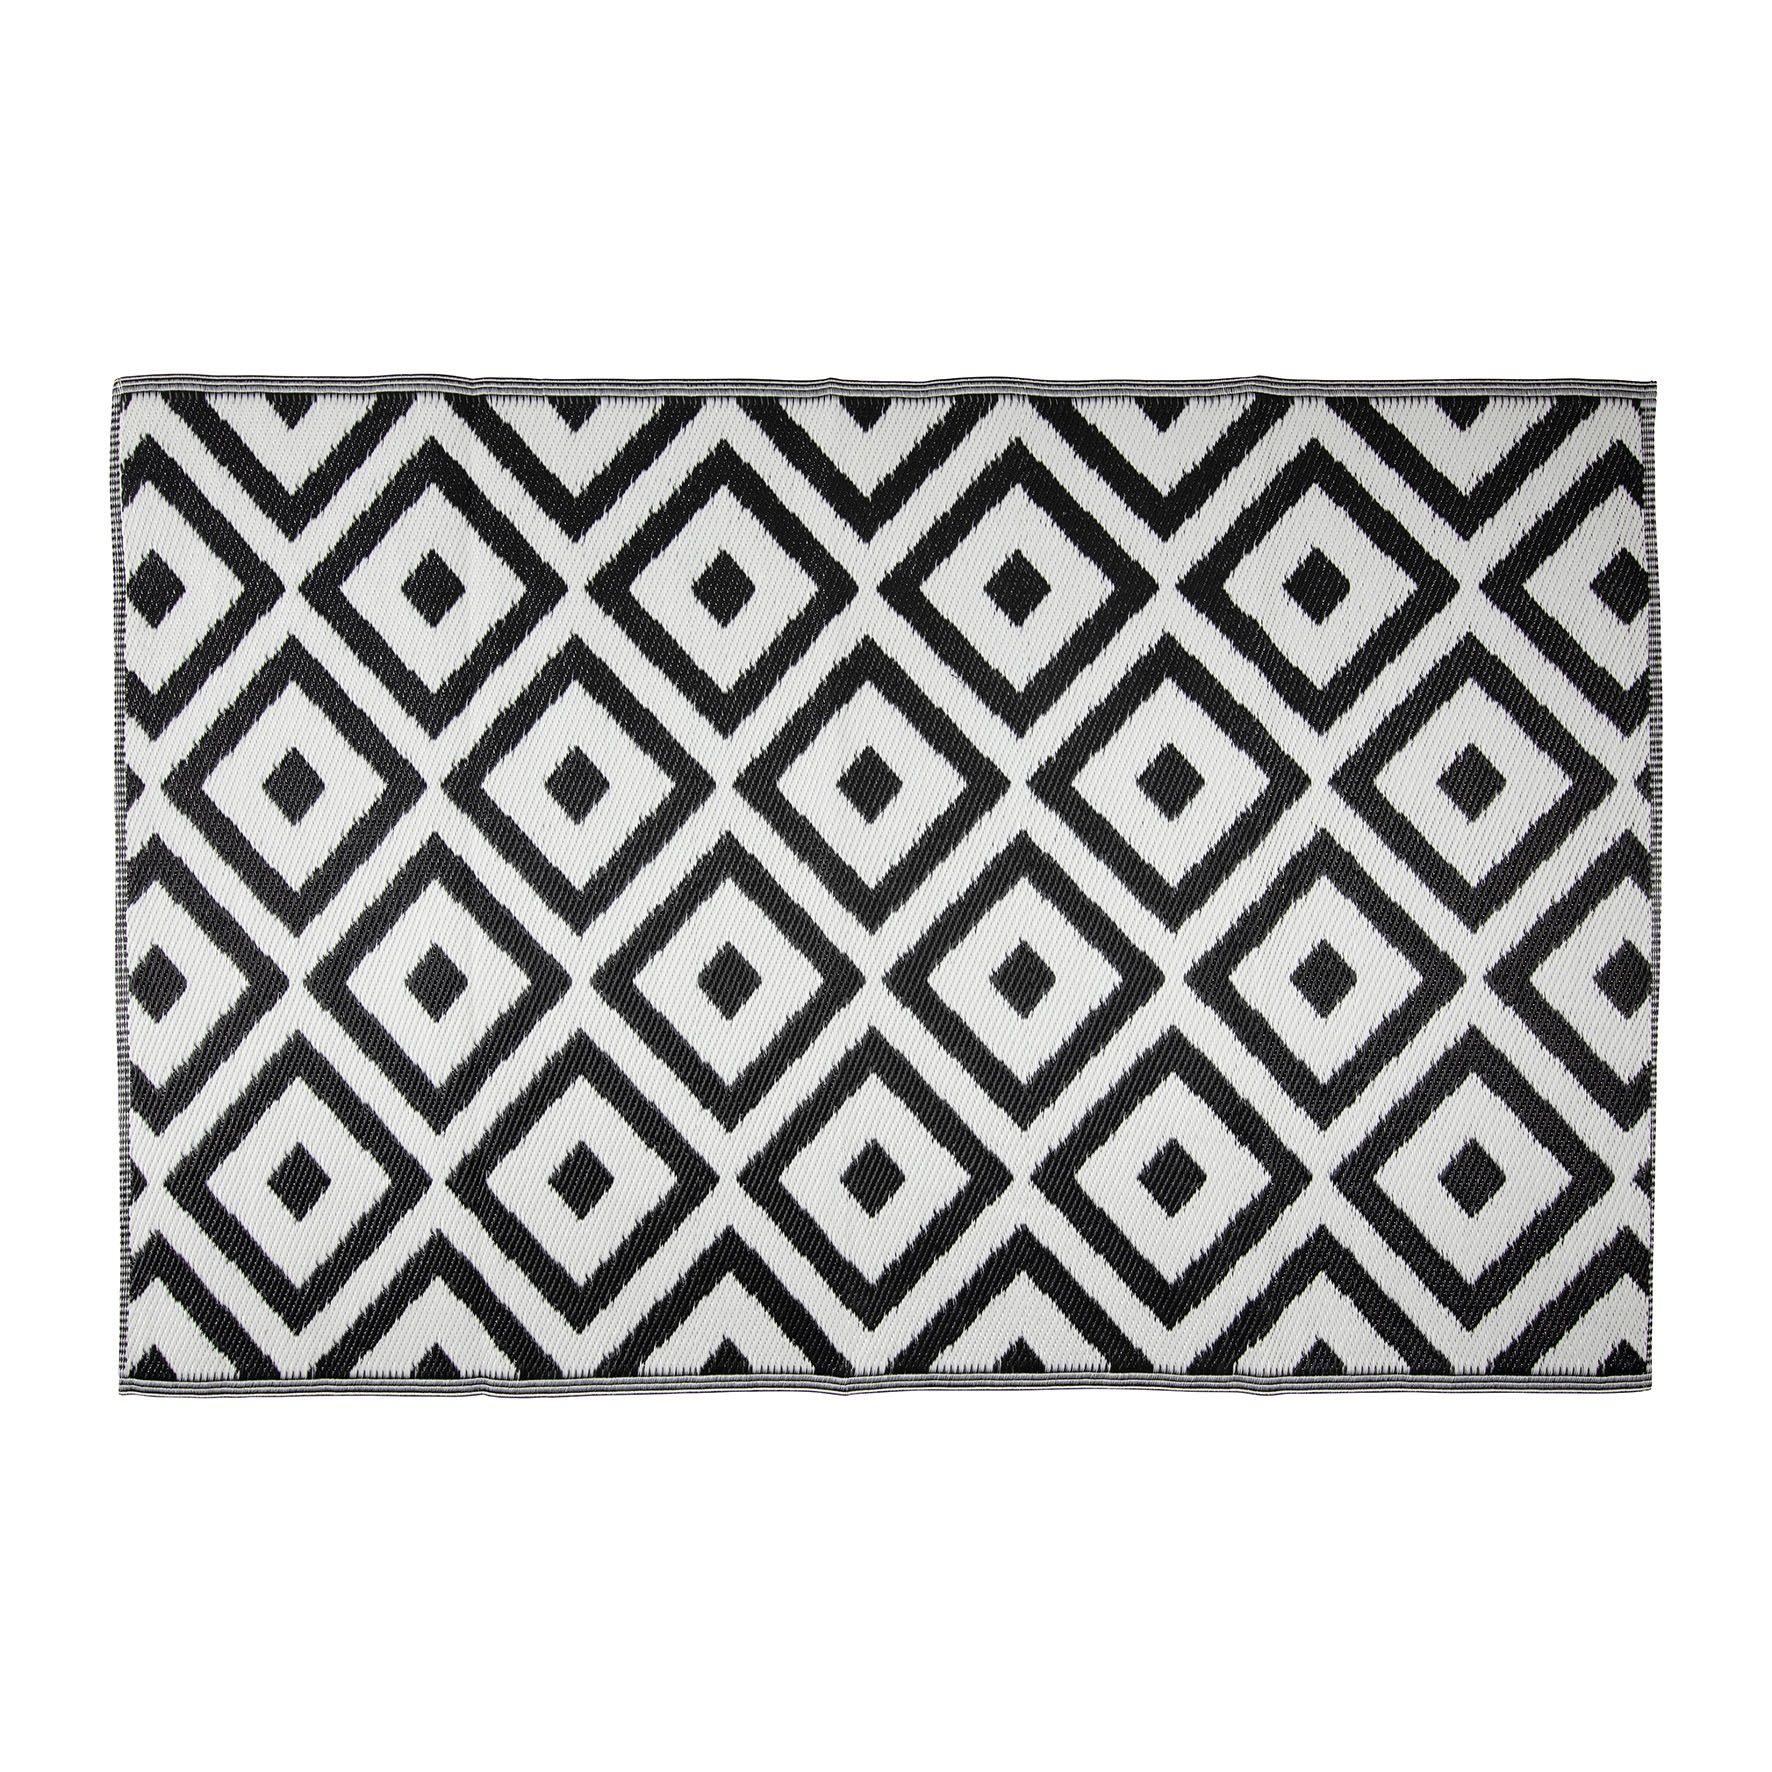 Tapis D Exterieur Geometrique Noir Blanc 180 X 120 Cm Tapis Exterieur Tapis Et Exterieur